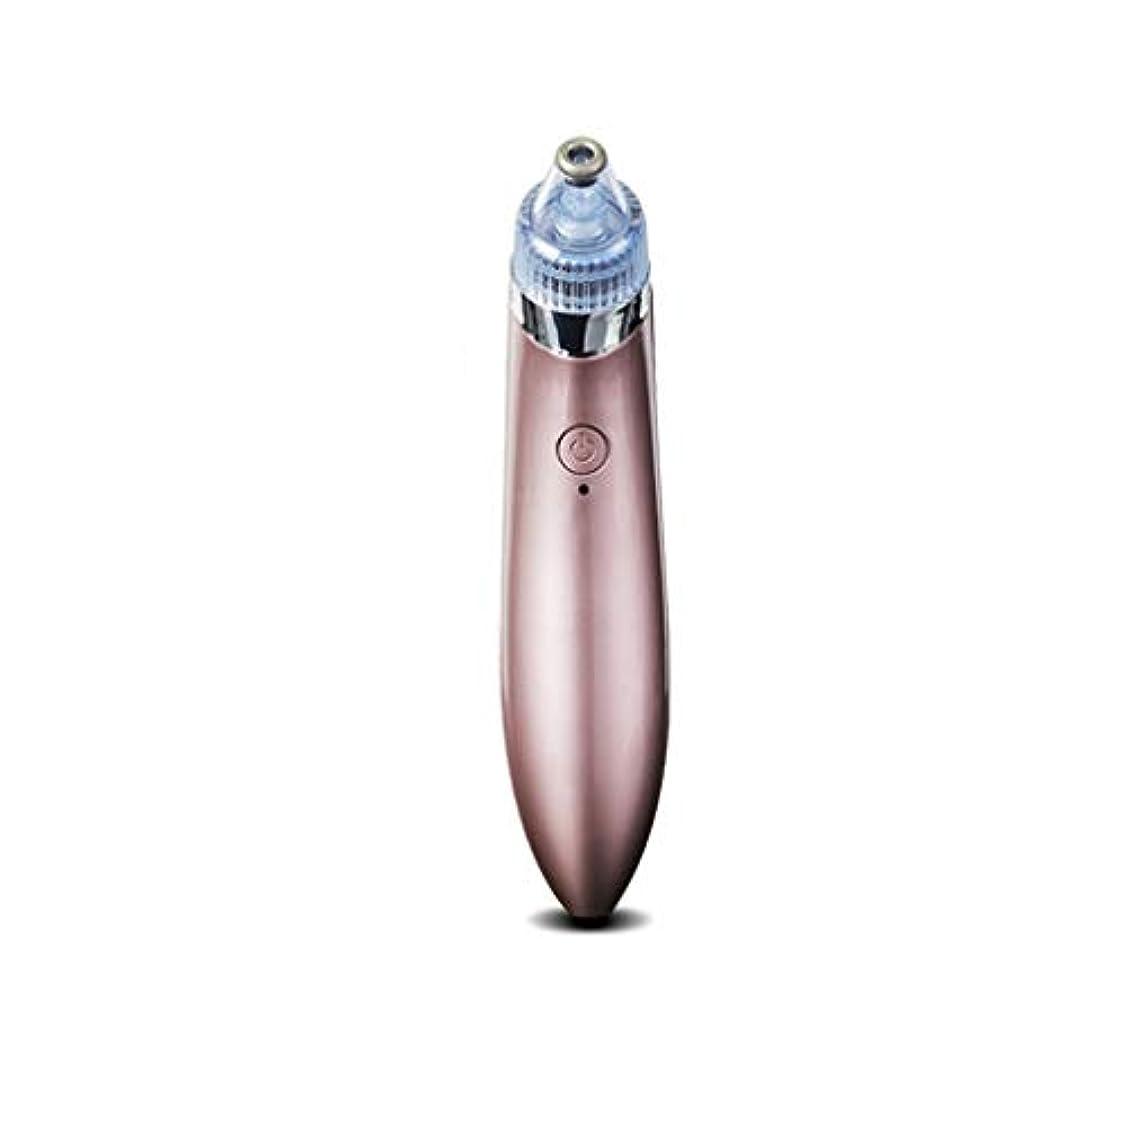 予防接種するキノコ名詞ホワイトヘッドにきびにきび輸出機へのusb電気にきび楽器電子クリーニング顔面ディープクレンジング (Color : Pink)